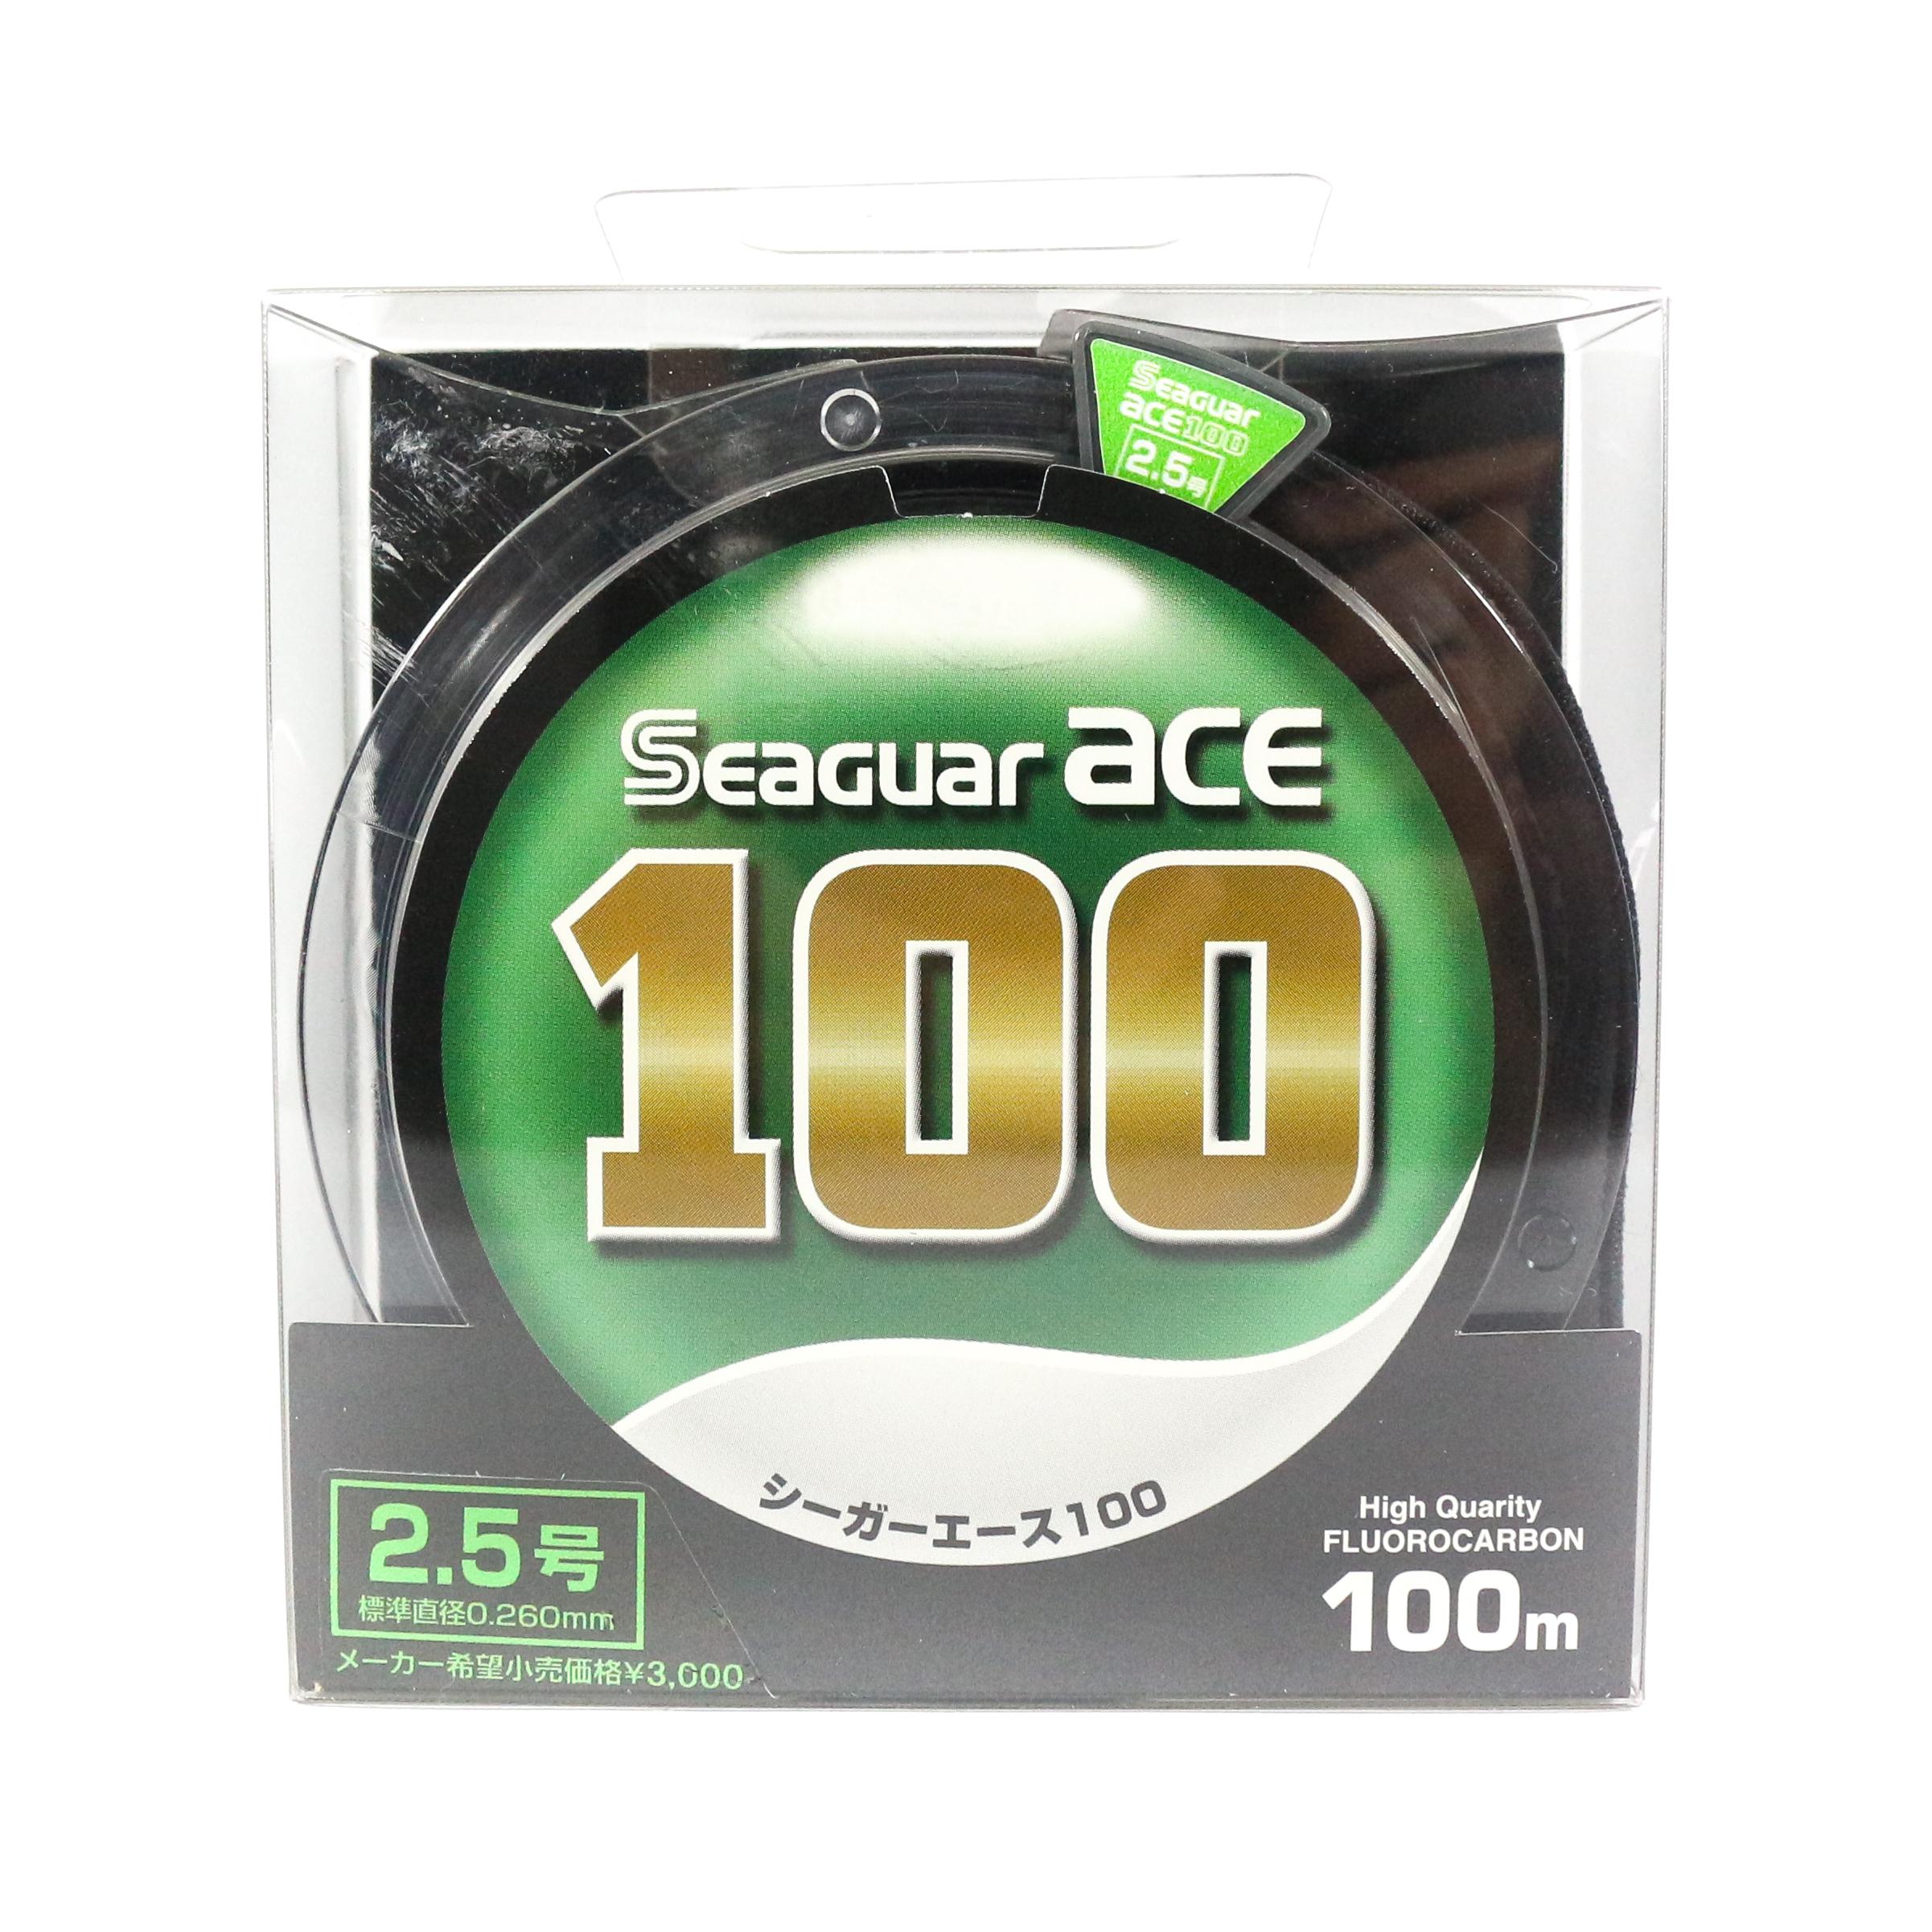 Seaguar Ace Fluorocarbon Leader Line 100m Size 2.5 - 3.15kg - 0.26mm (1261)